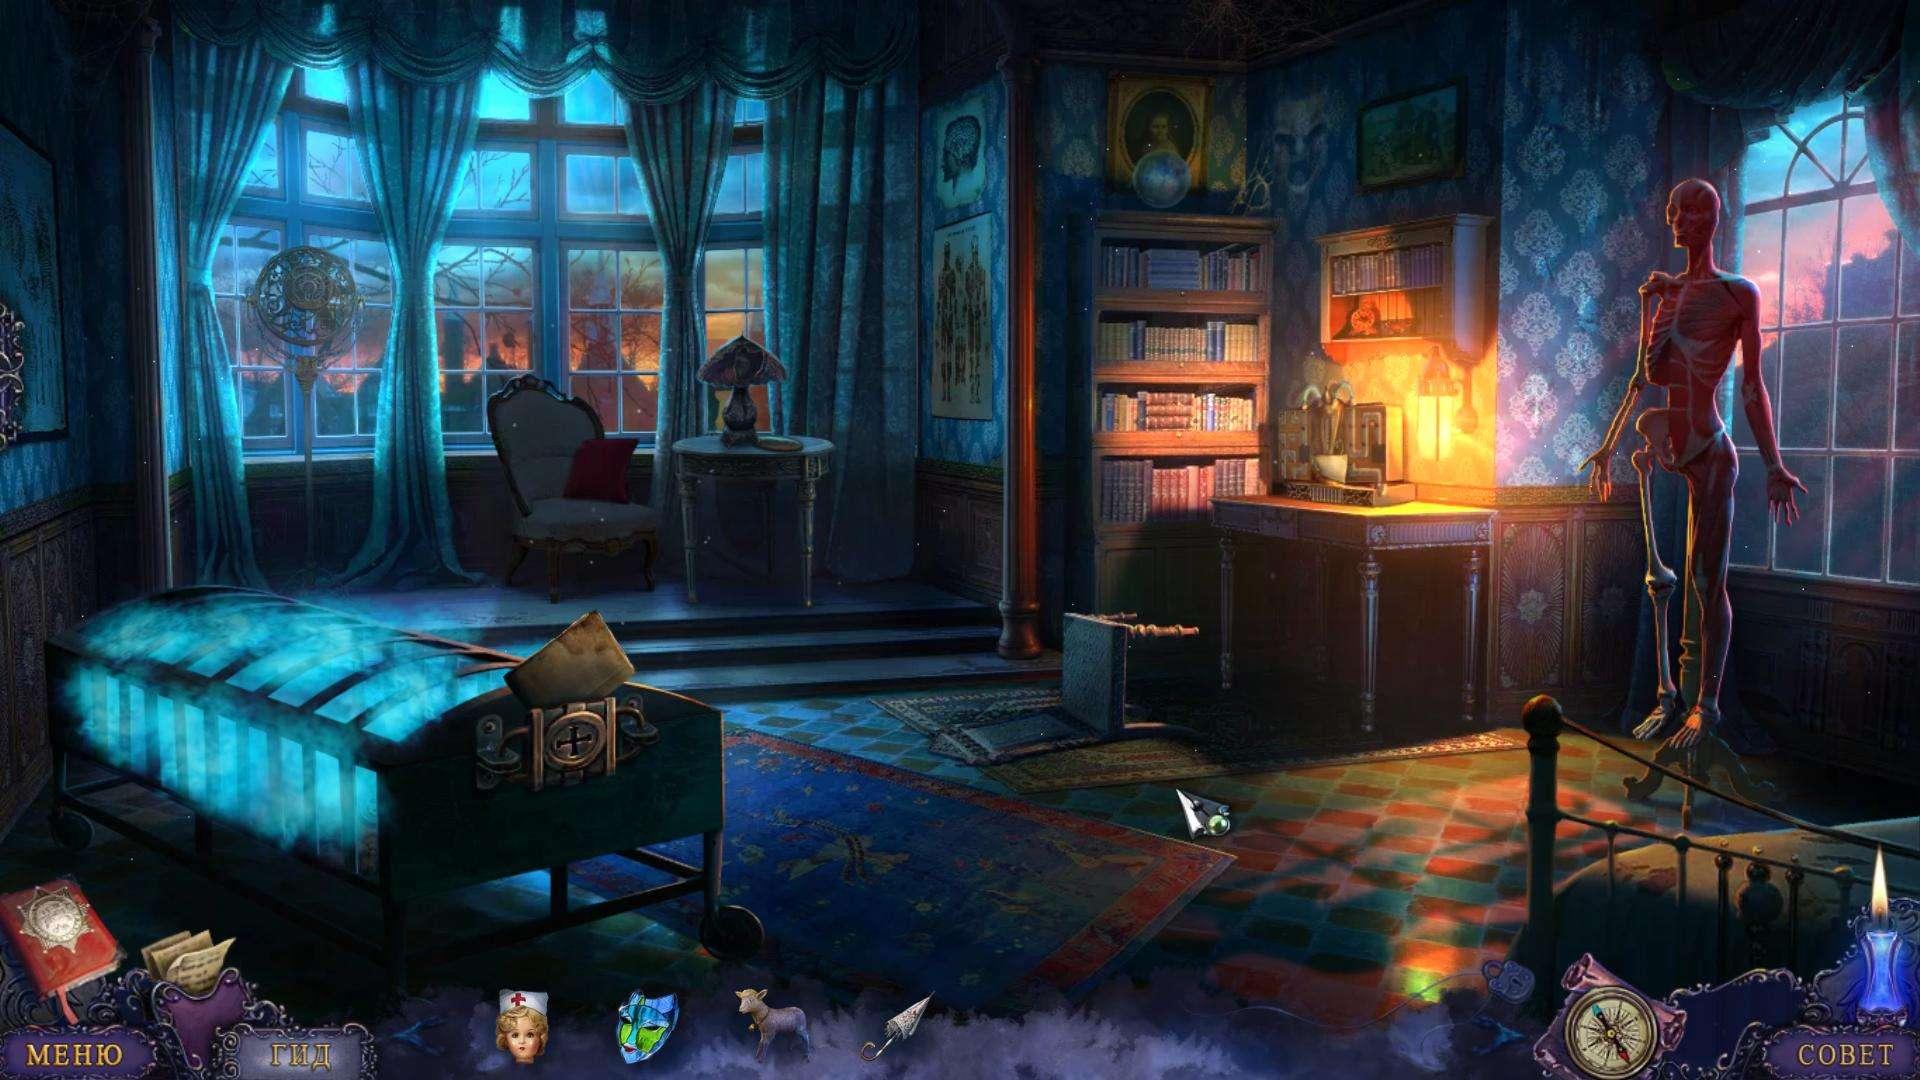 Нашептанные секреты 5: Негасимая свеча. Коллекционное издание | PC